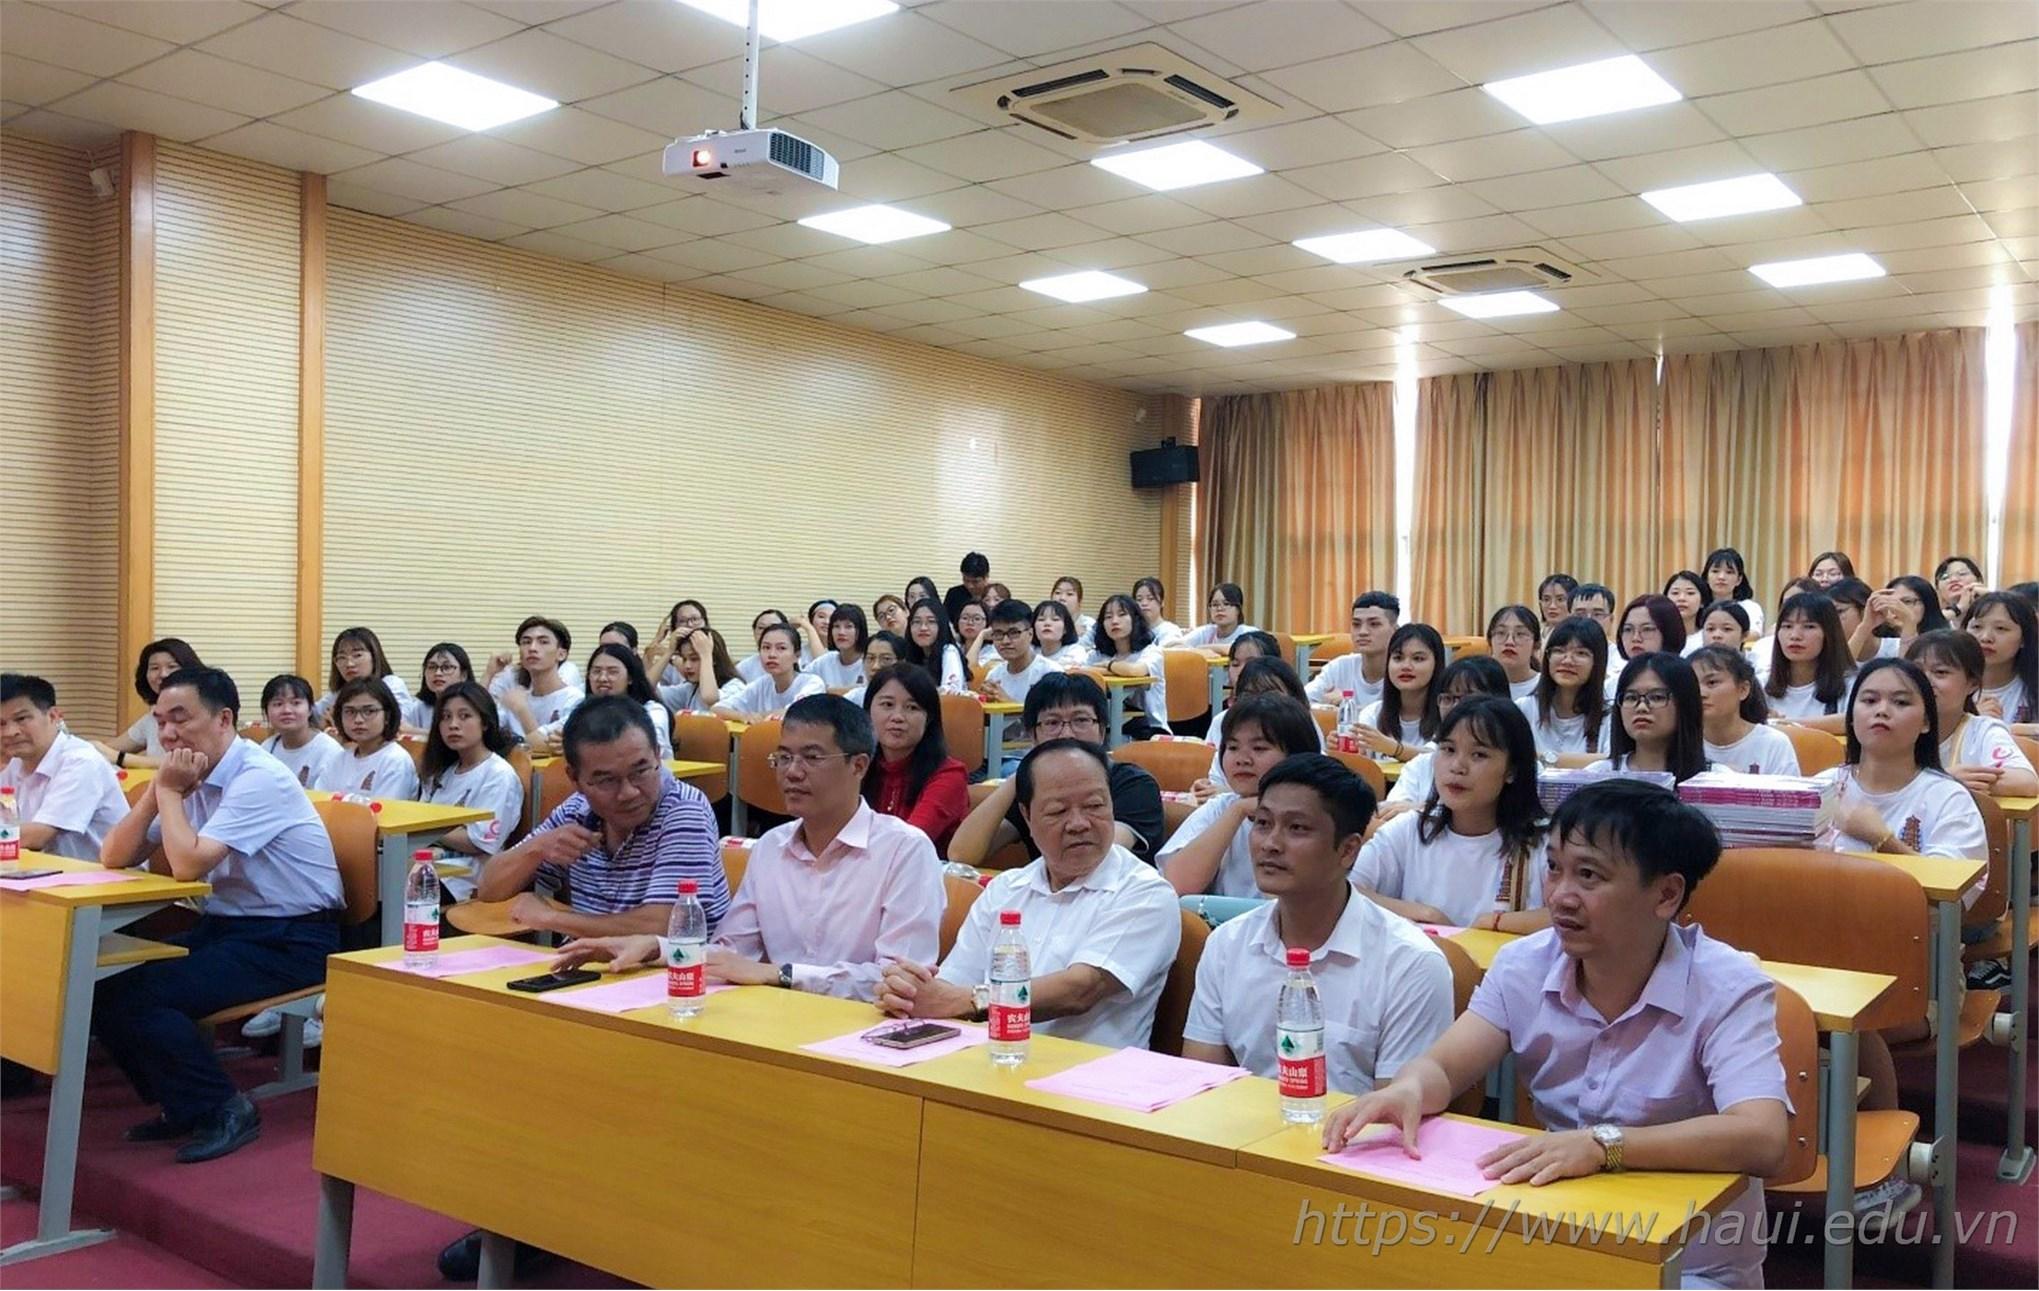 Chương trình trao đổi sinh viên giữa Đại học Công nghiệp Hà Nội và Đại học Khoa học Kỹ thuật Quảng Tây, Trung Quốc